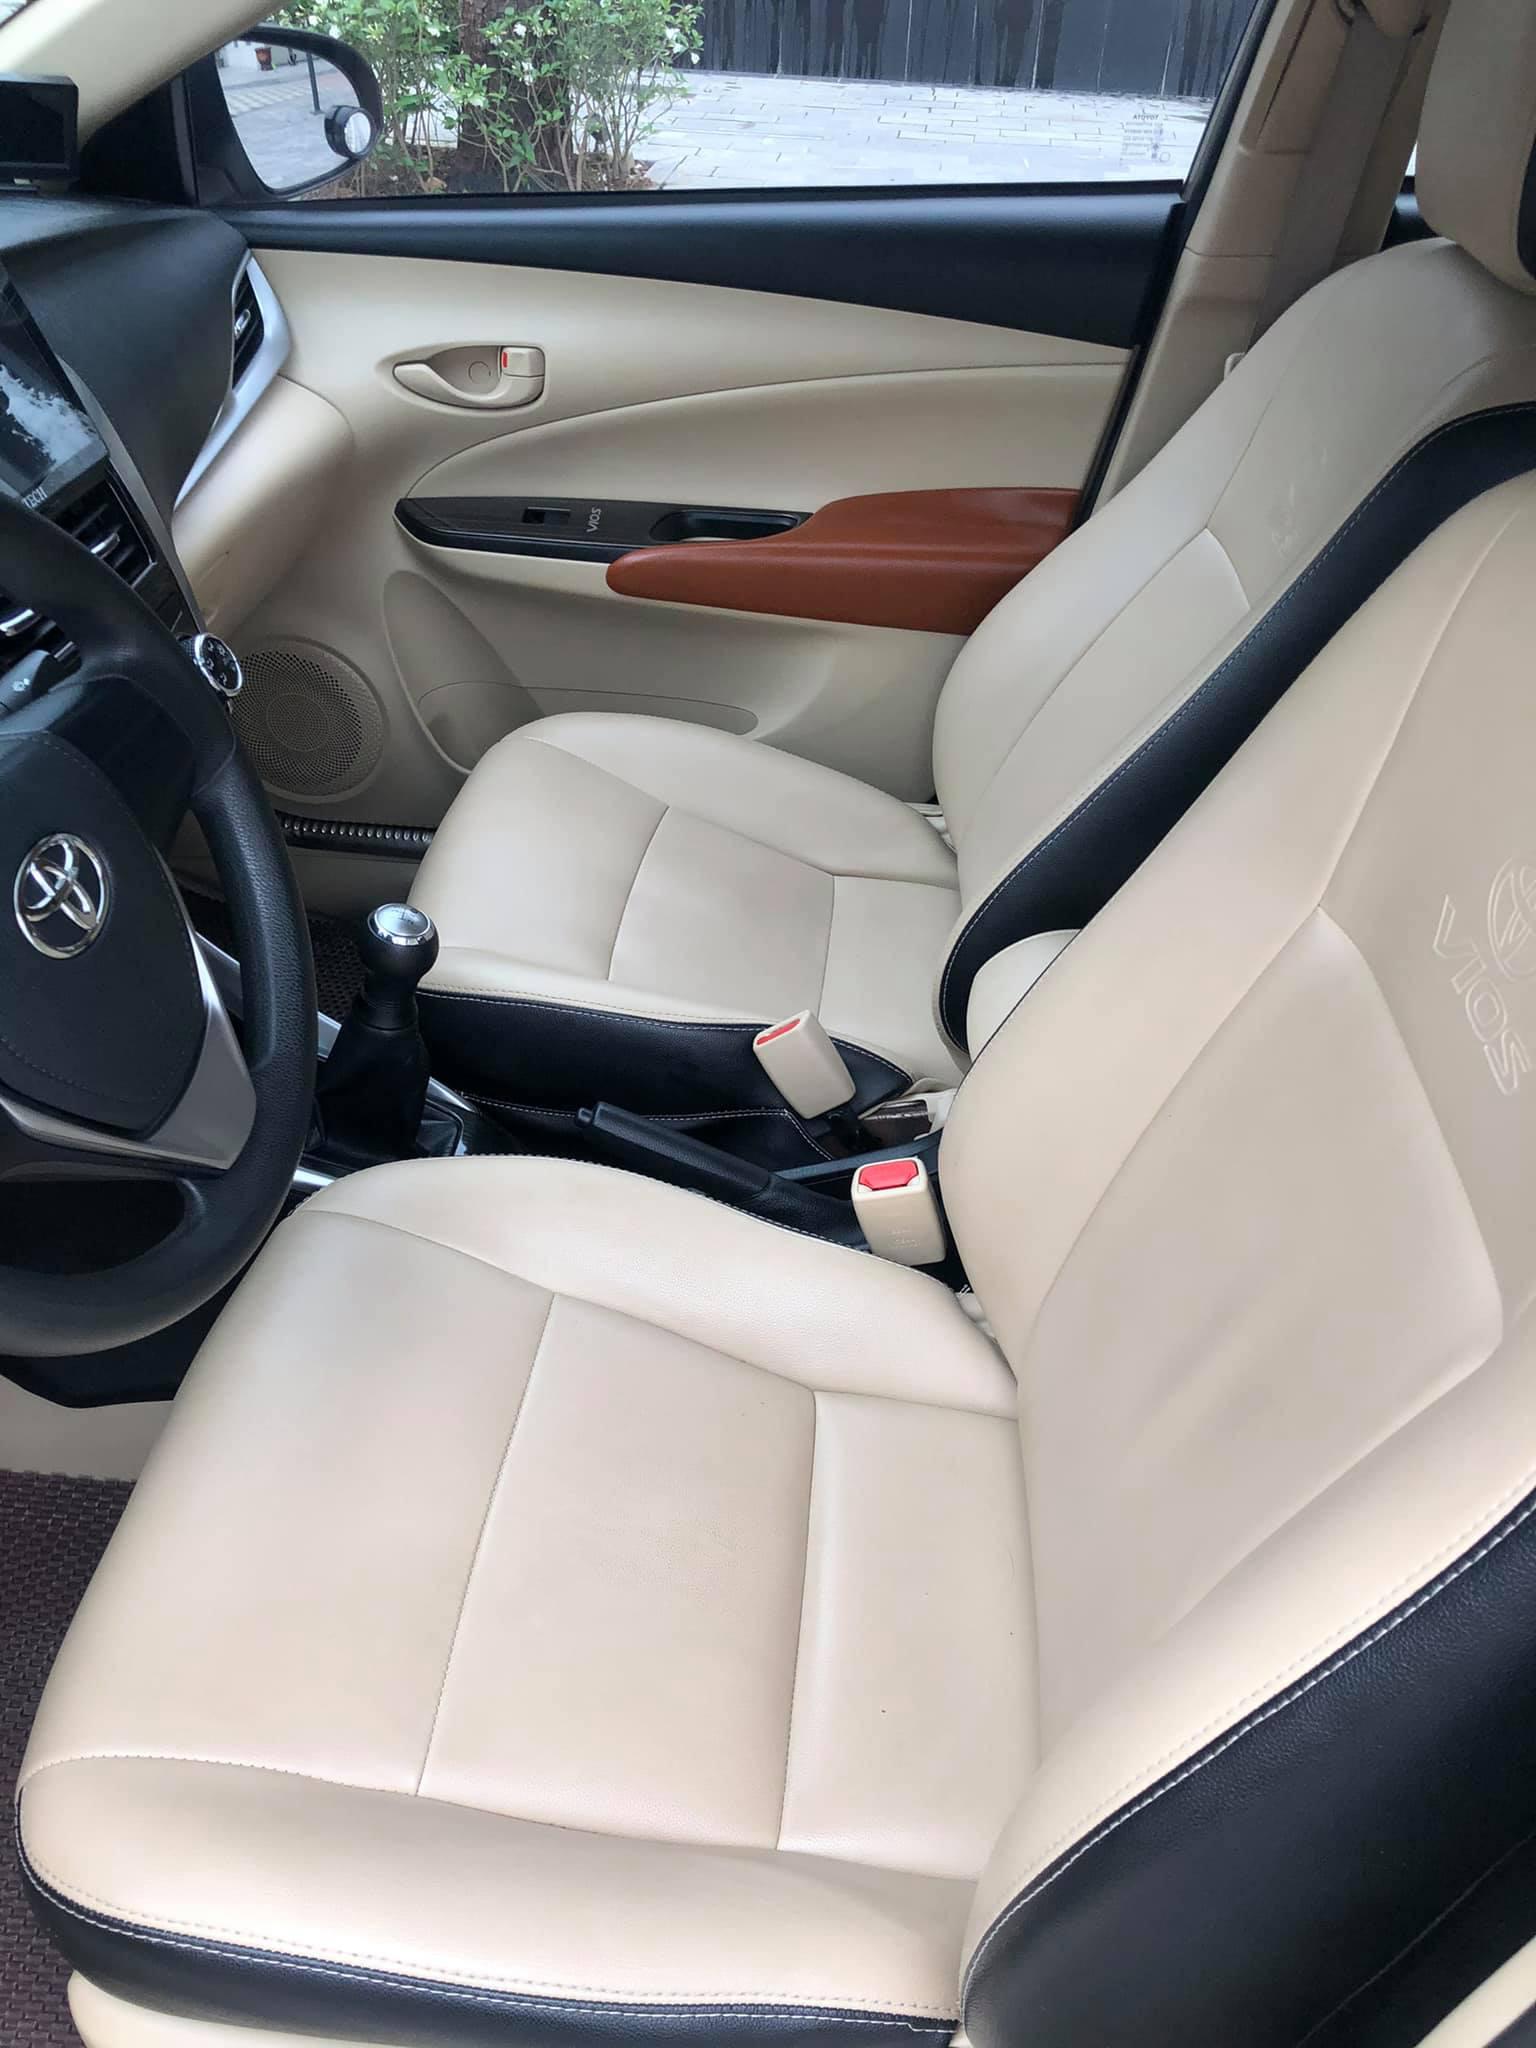 Toyota Vios số sàn đời 2018 màu vàng cát, đẹp như mới, rao bán giá ngỡ ngàng - Ảnh 3.